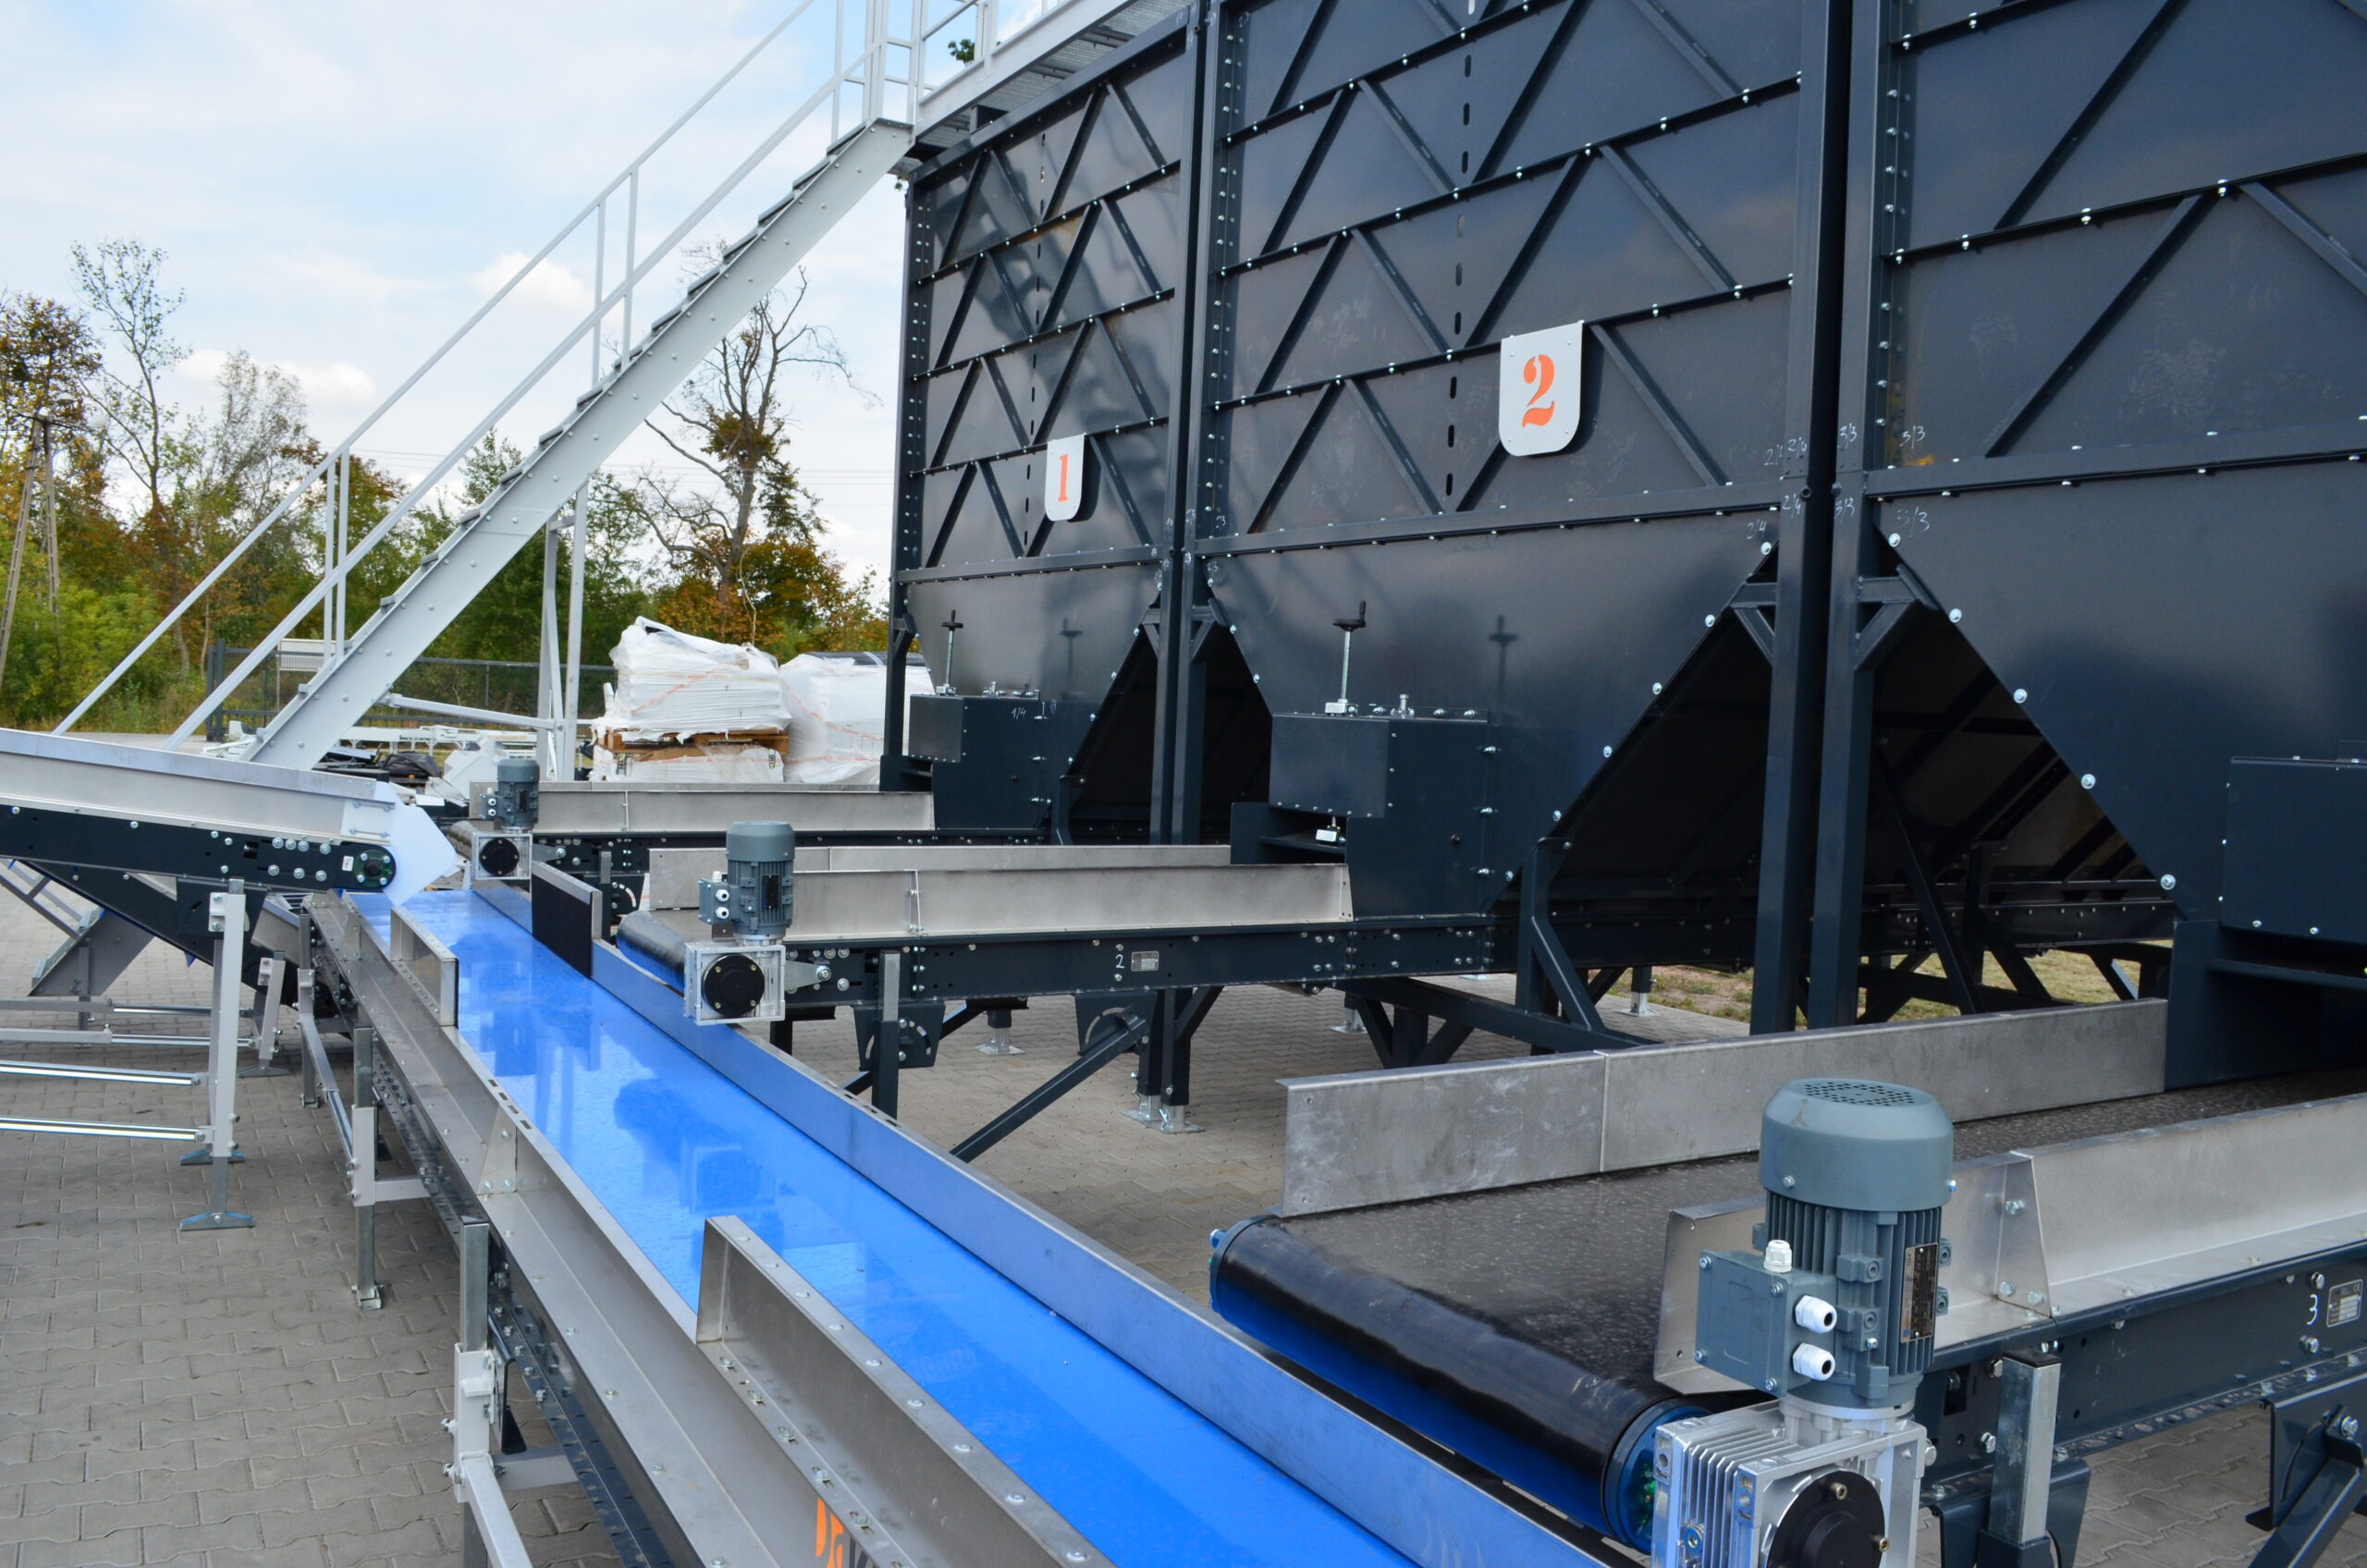 Бункер разгрузочный с транспортером автоматизация систем конвейера